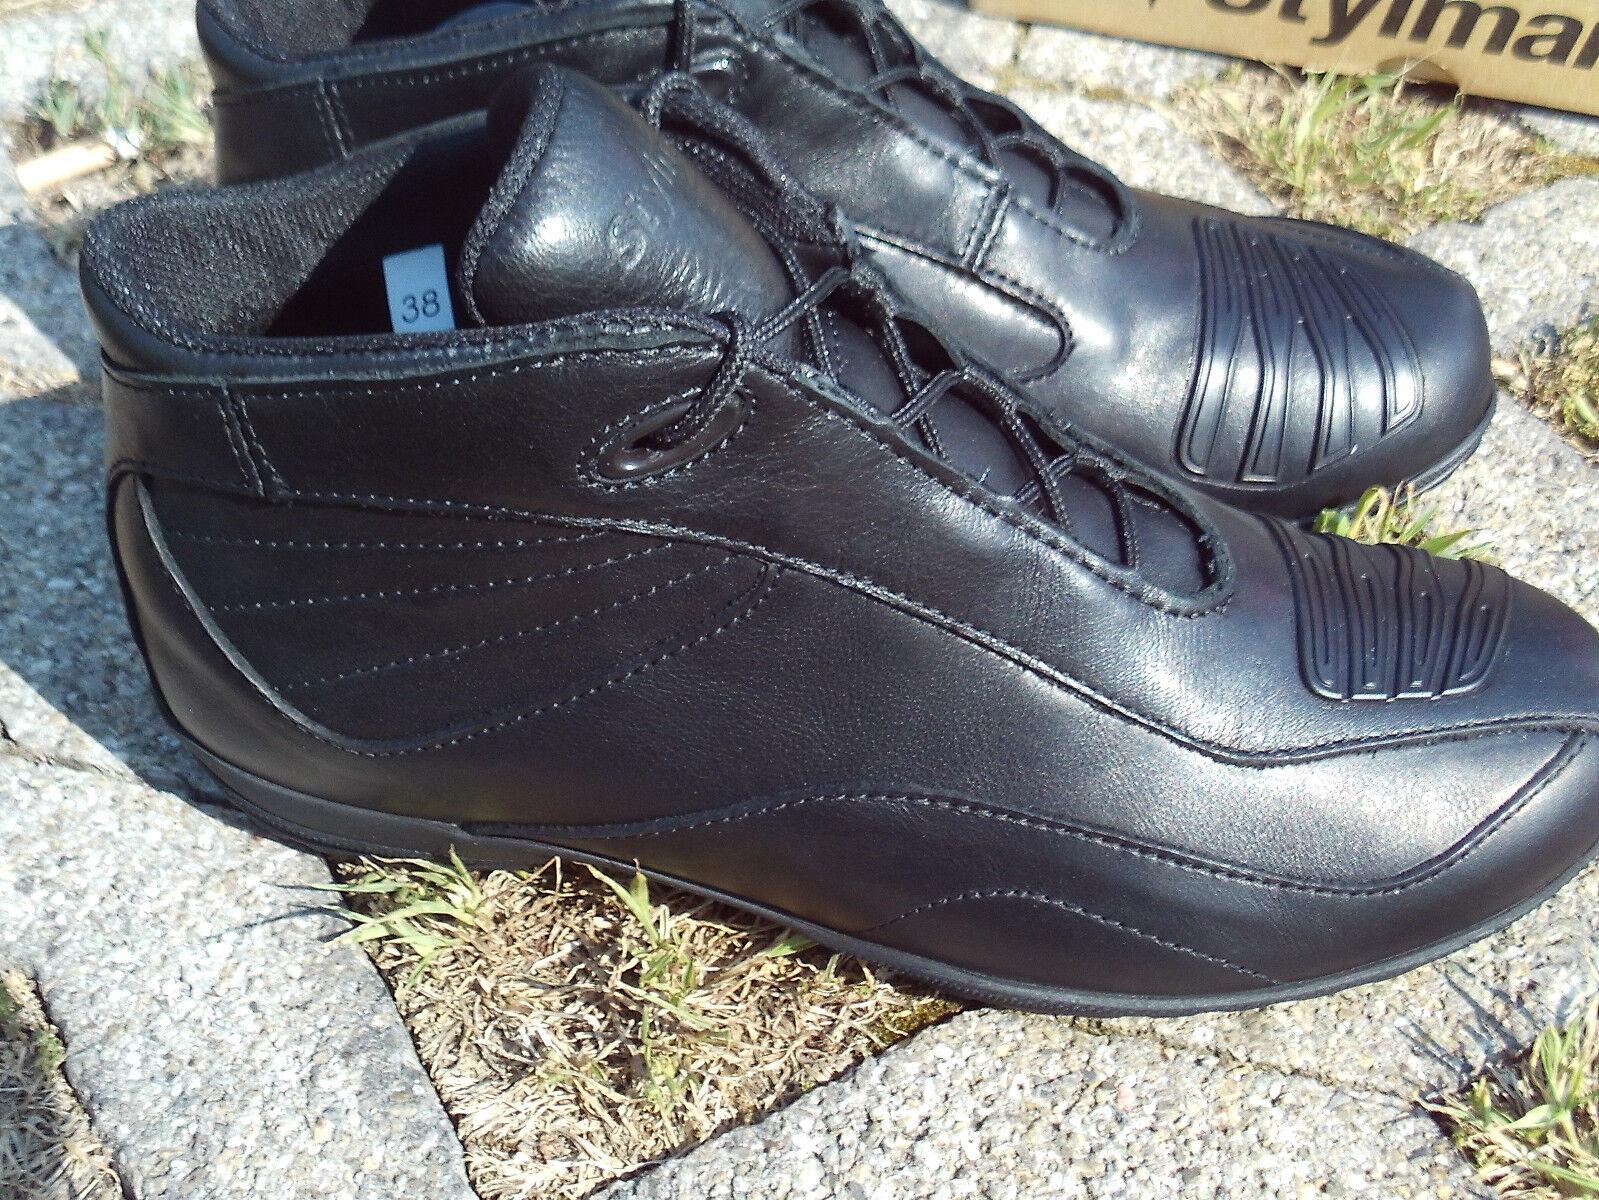 Stylmartin Norwich Low schwarz Motorrad Stiefel Freizeitschuhe Sneaker Größe 39